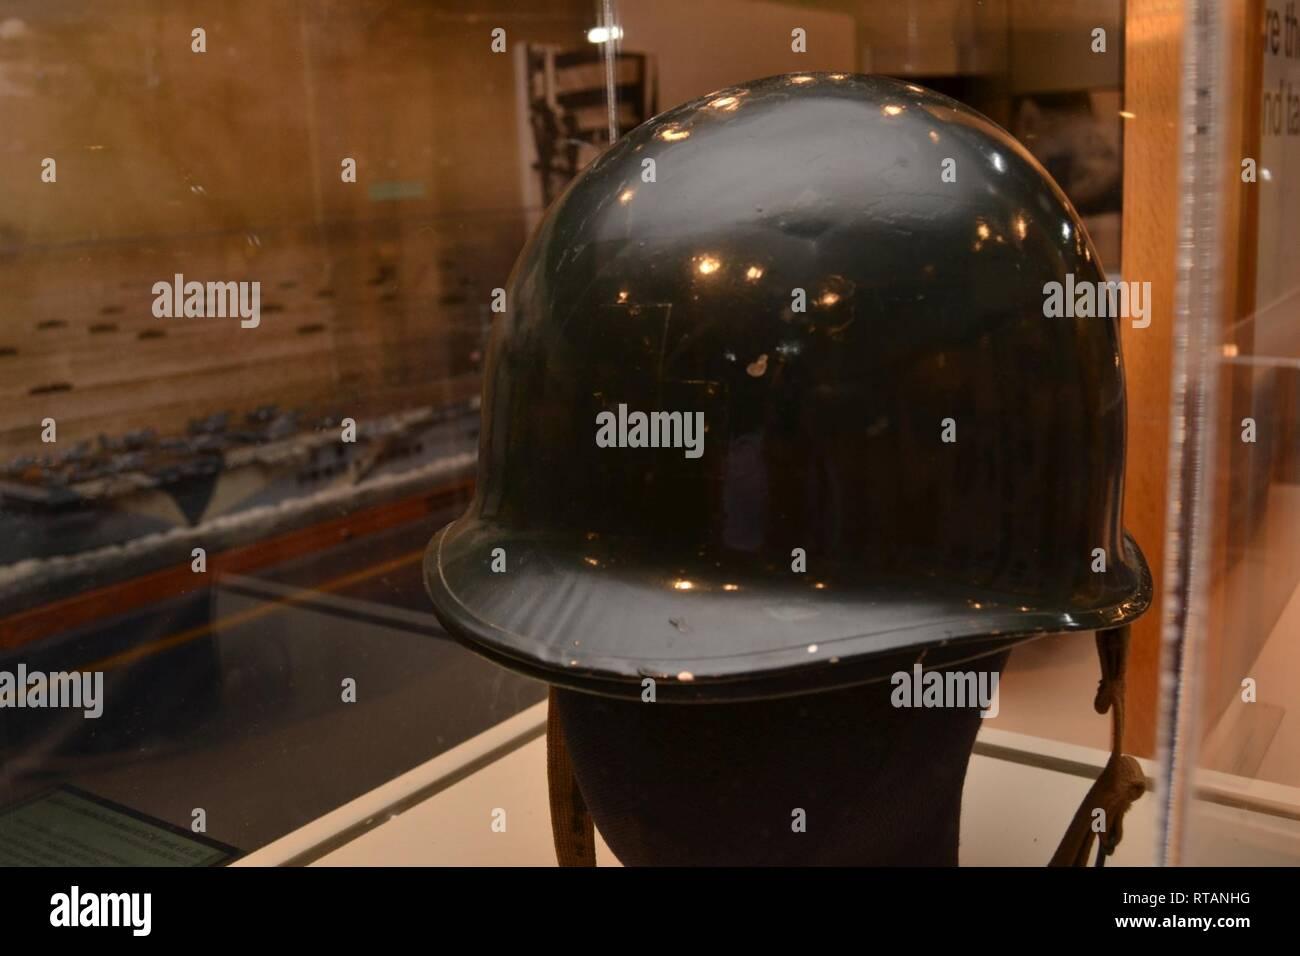 b7992a3f91537 U.S. Navy M1 Steel Helmet, 1945. Accession # HRNM 1993-209D-003